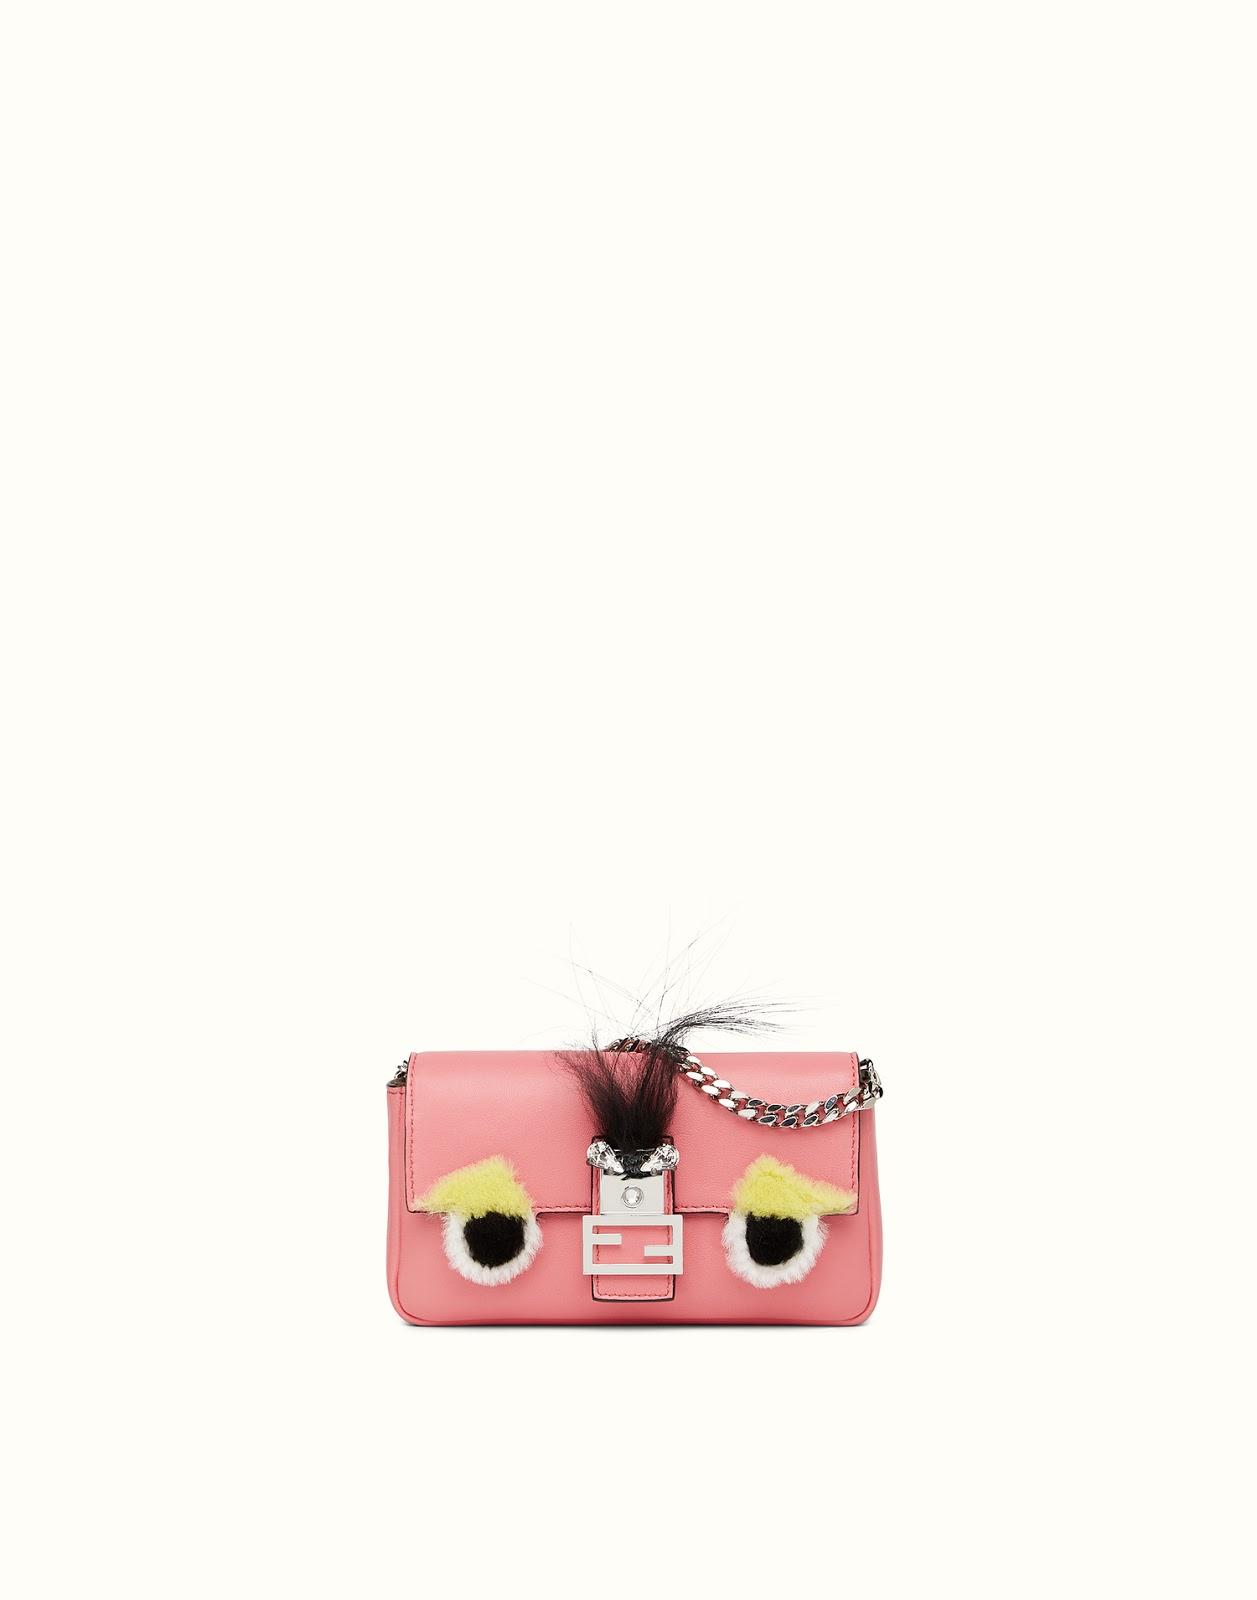 Bolsa De Mão Tendencia : Tendencia micro bag e clutch bolsa de m?o hand